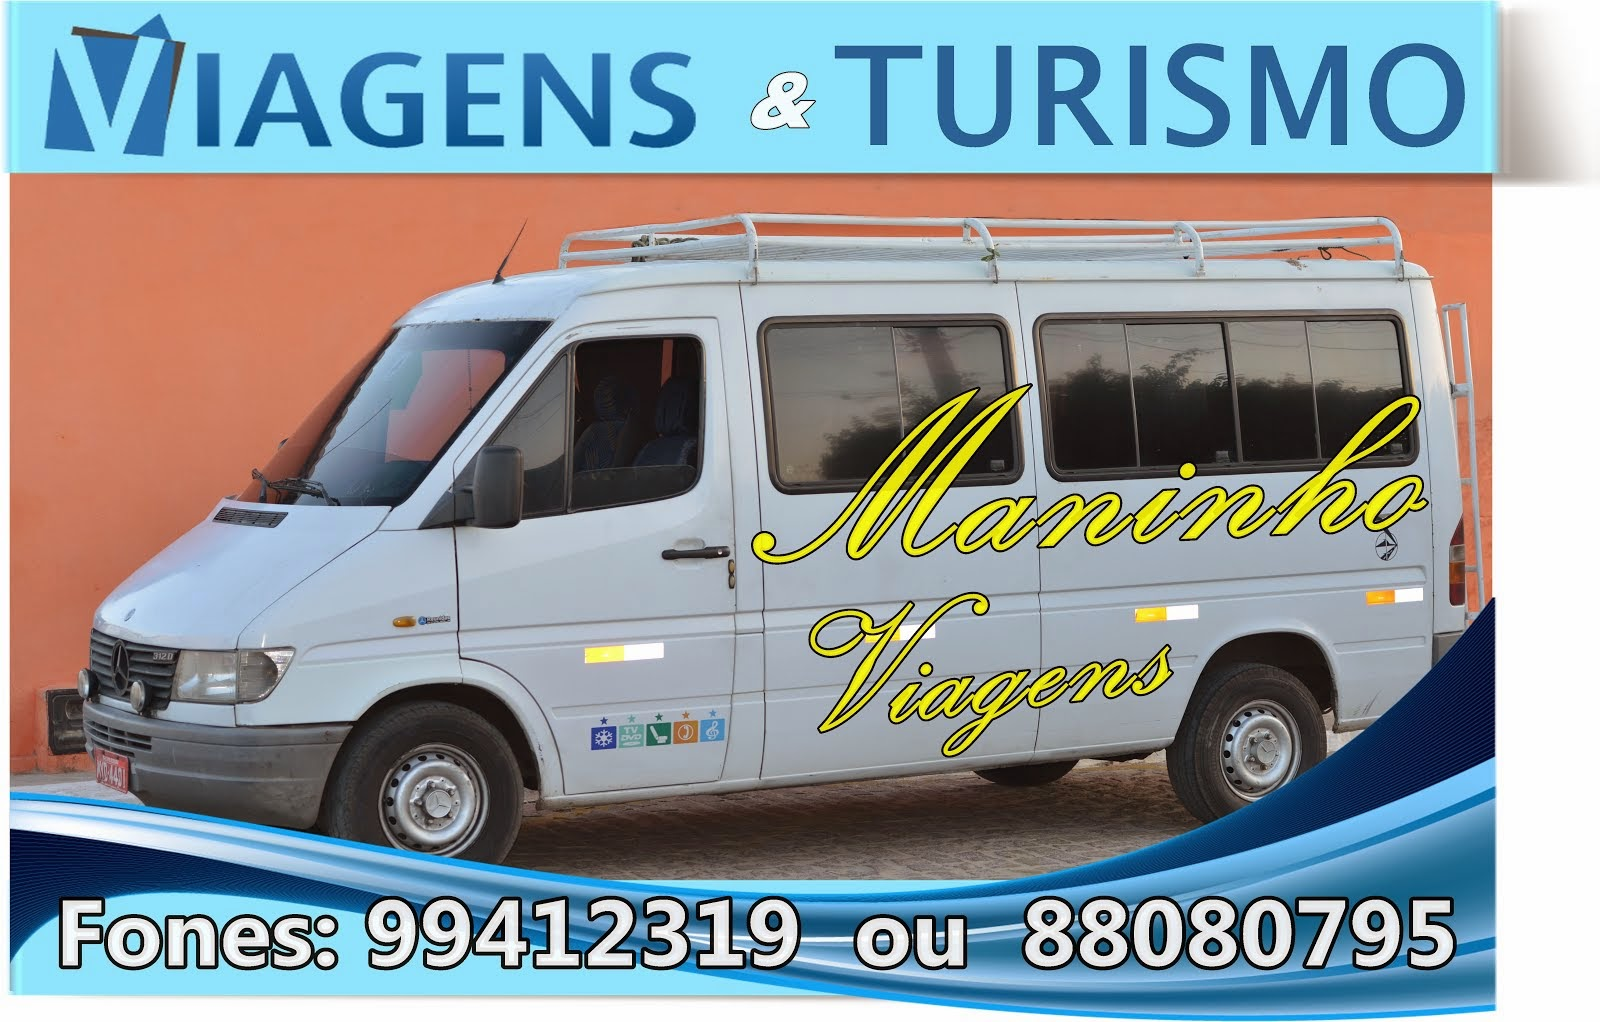 Maninho Viagens e Passeios contrate e viage com traquilidade Fone: 99412319 ou 88080795